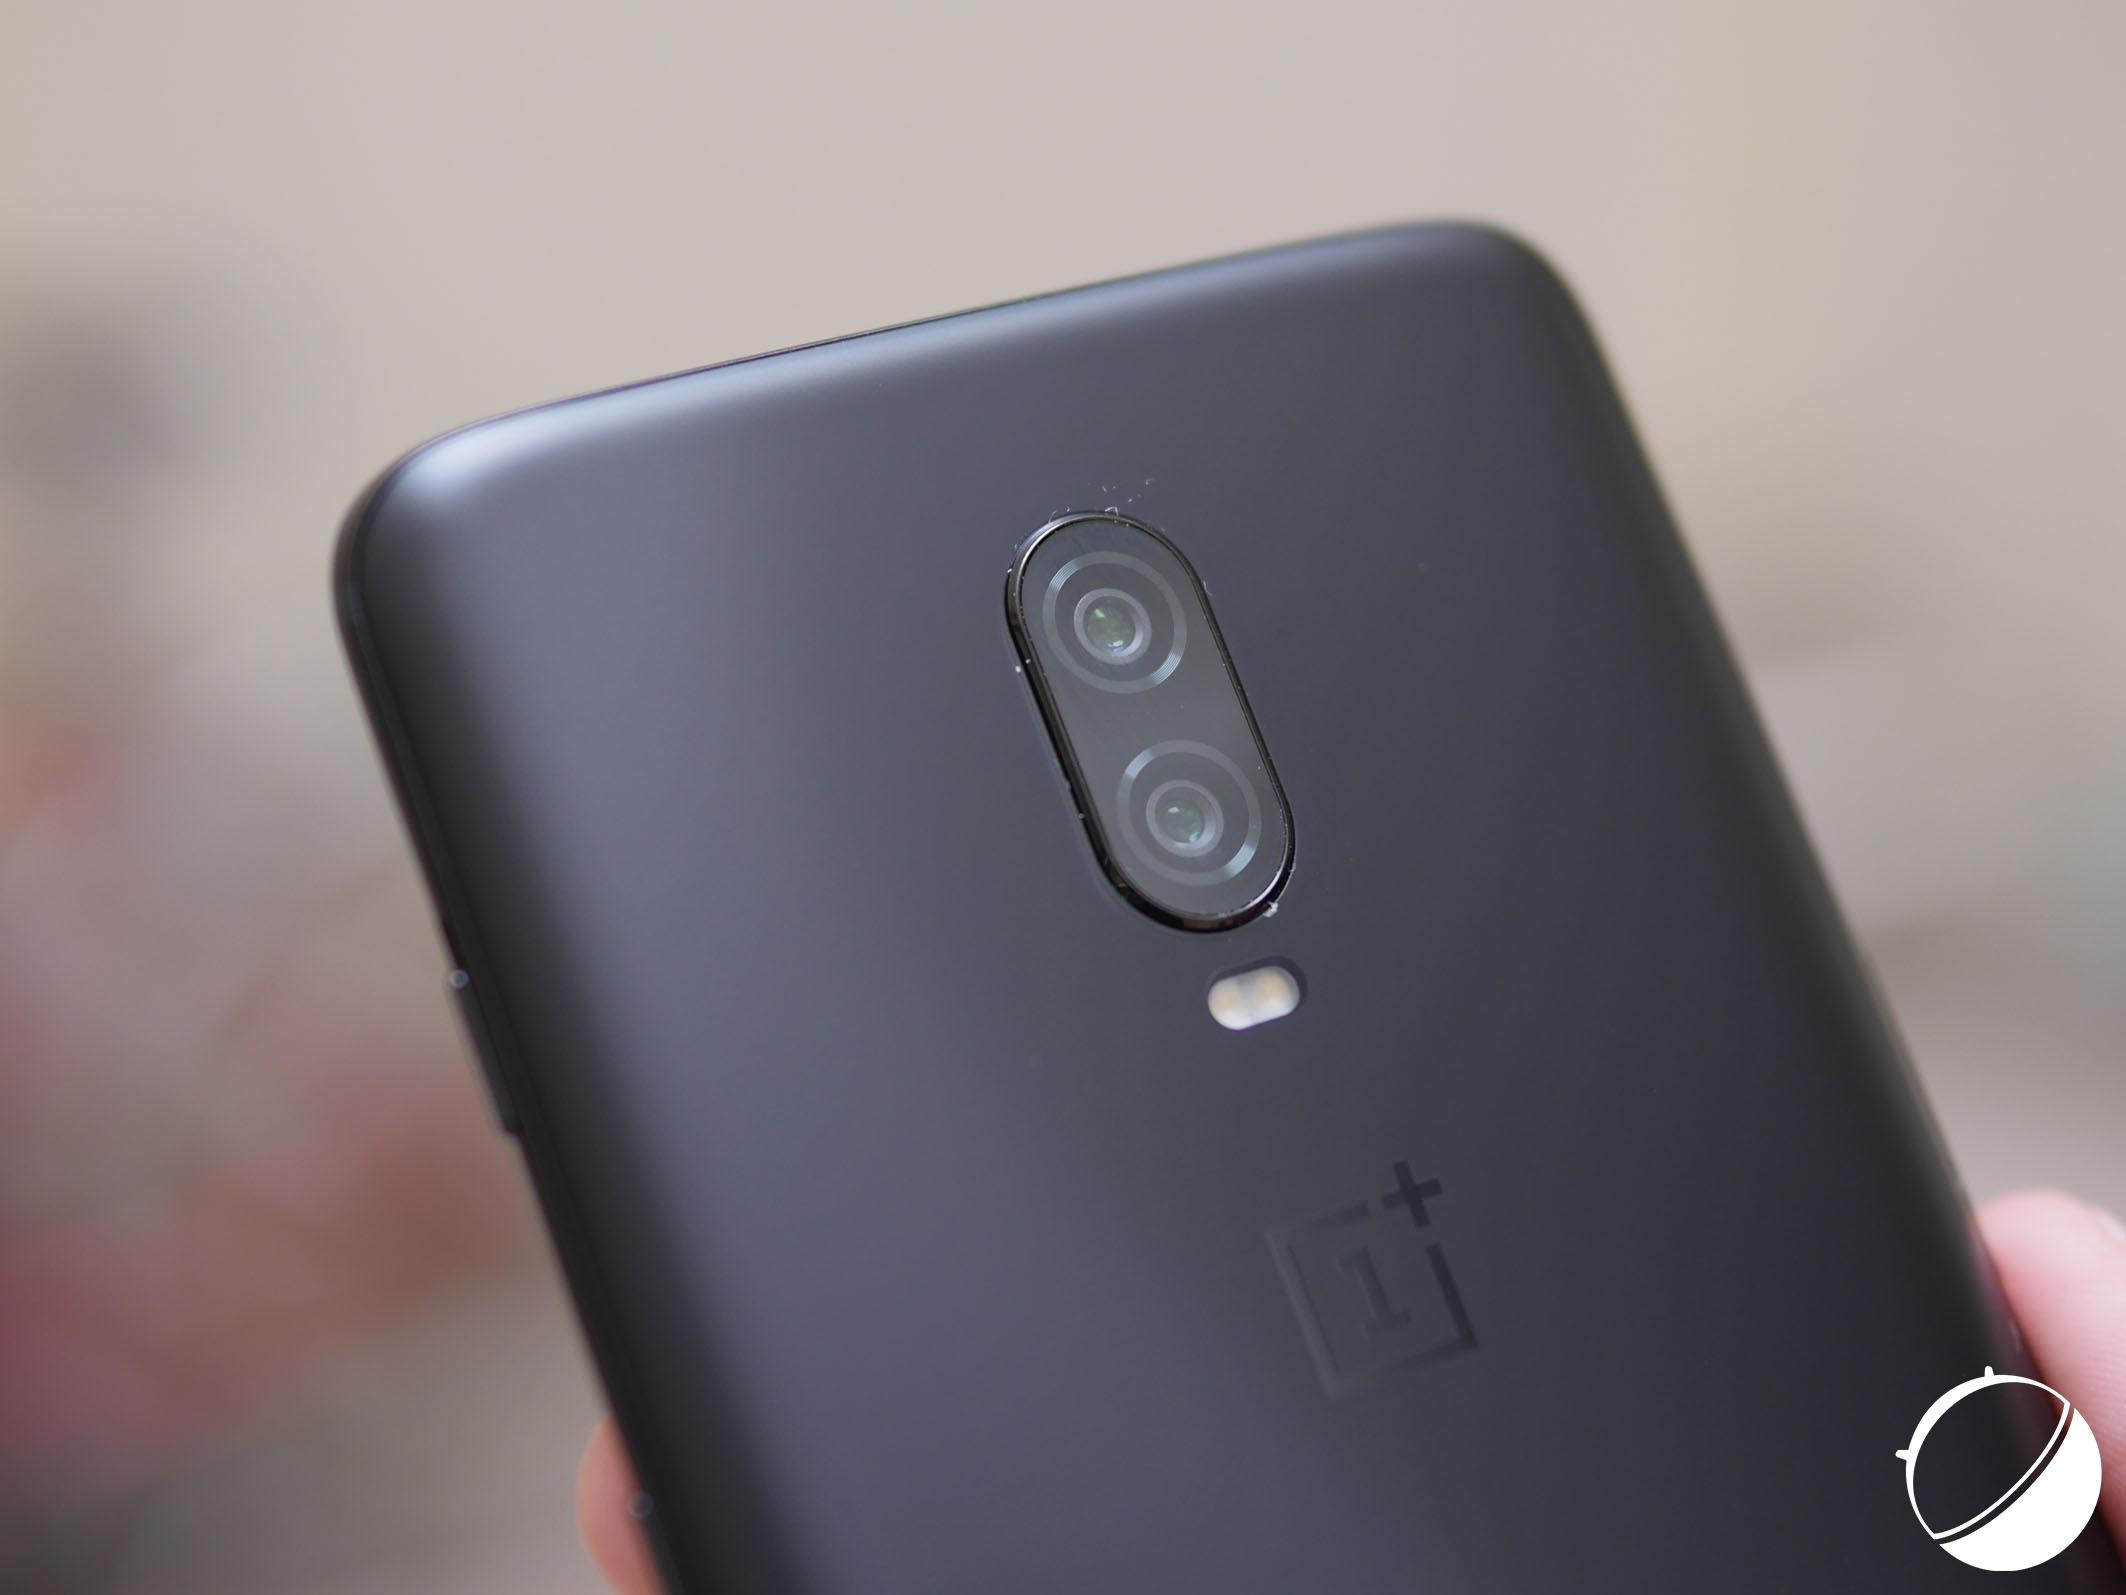 Les 3 actualités qui ont marqué la semaine : OnePlus 6T annoncé, 1er smartphone pliable et la navigation Maps en noir